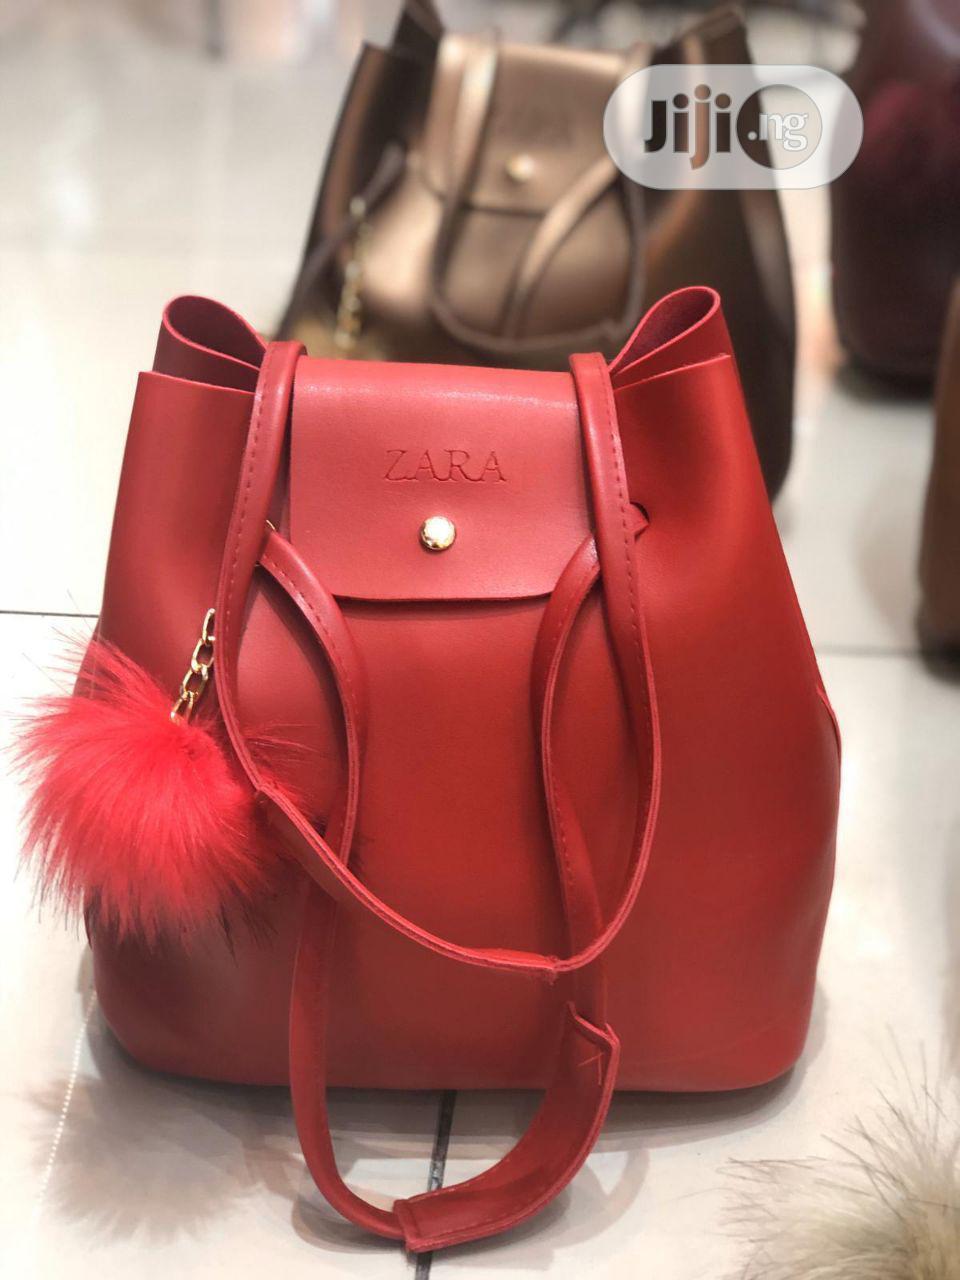 Zara Handbags